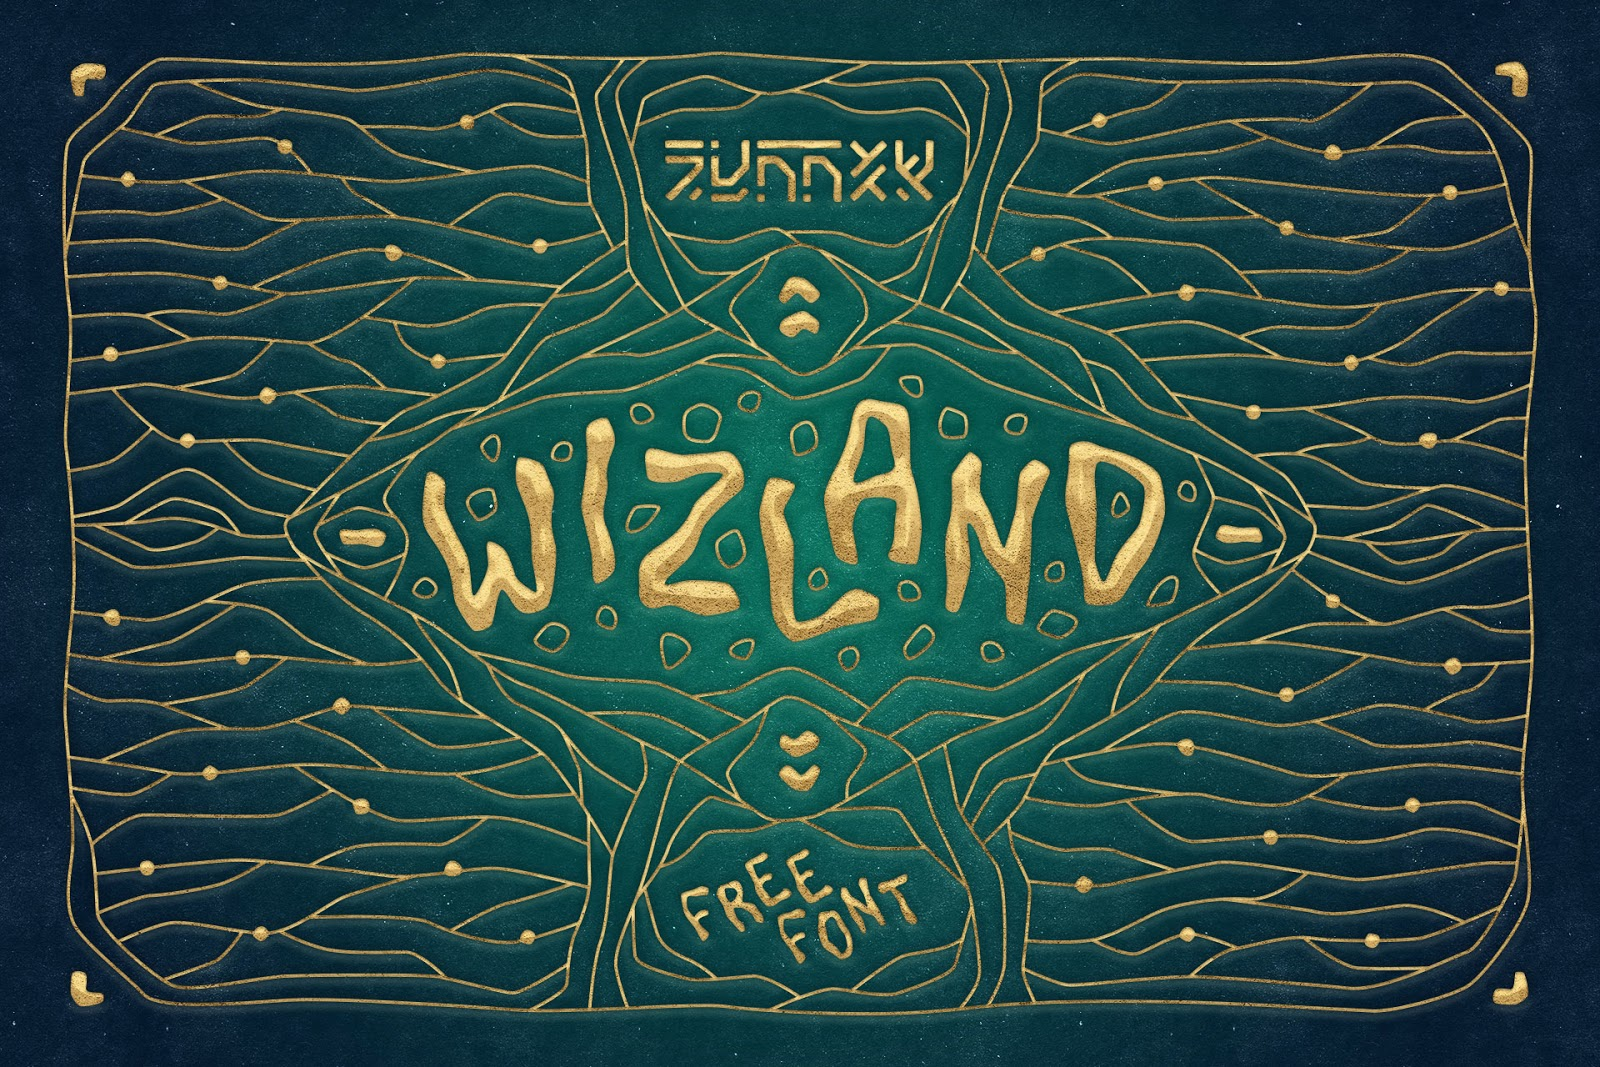 تحميل خط ويزلاند اللاتيني الرائع - WIZLAND Font